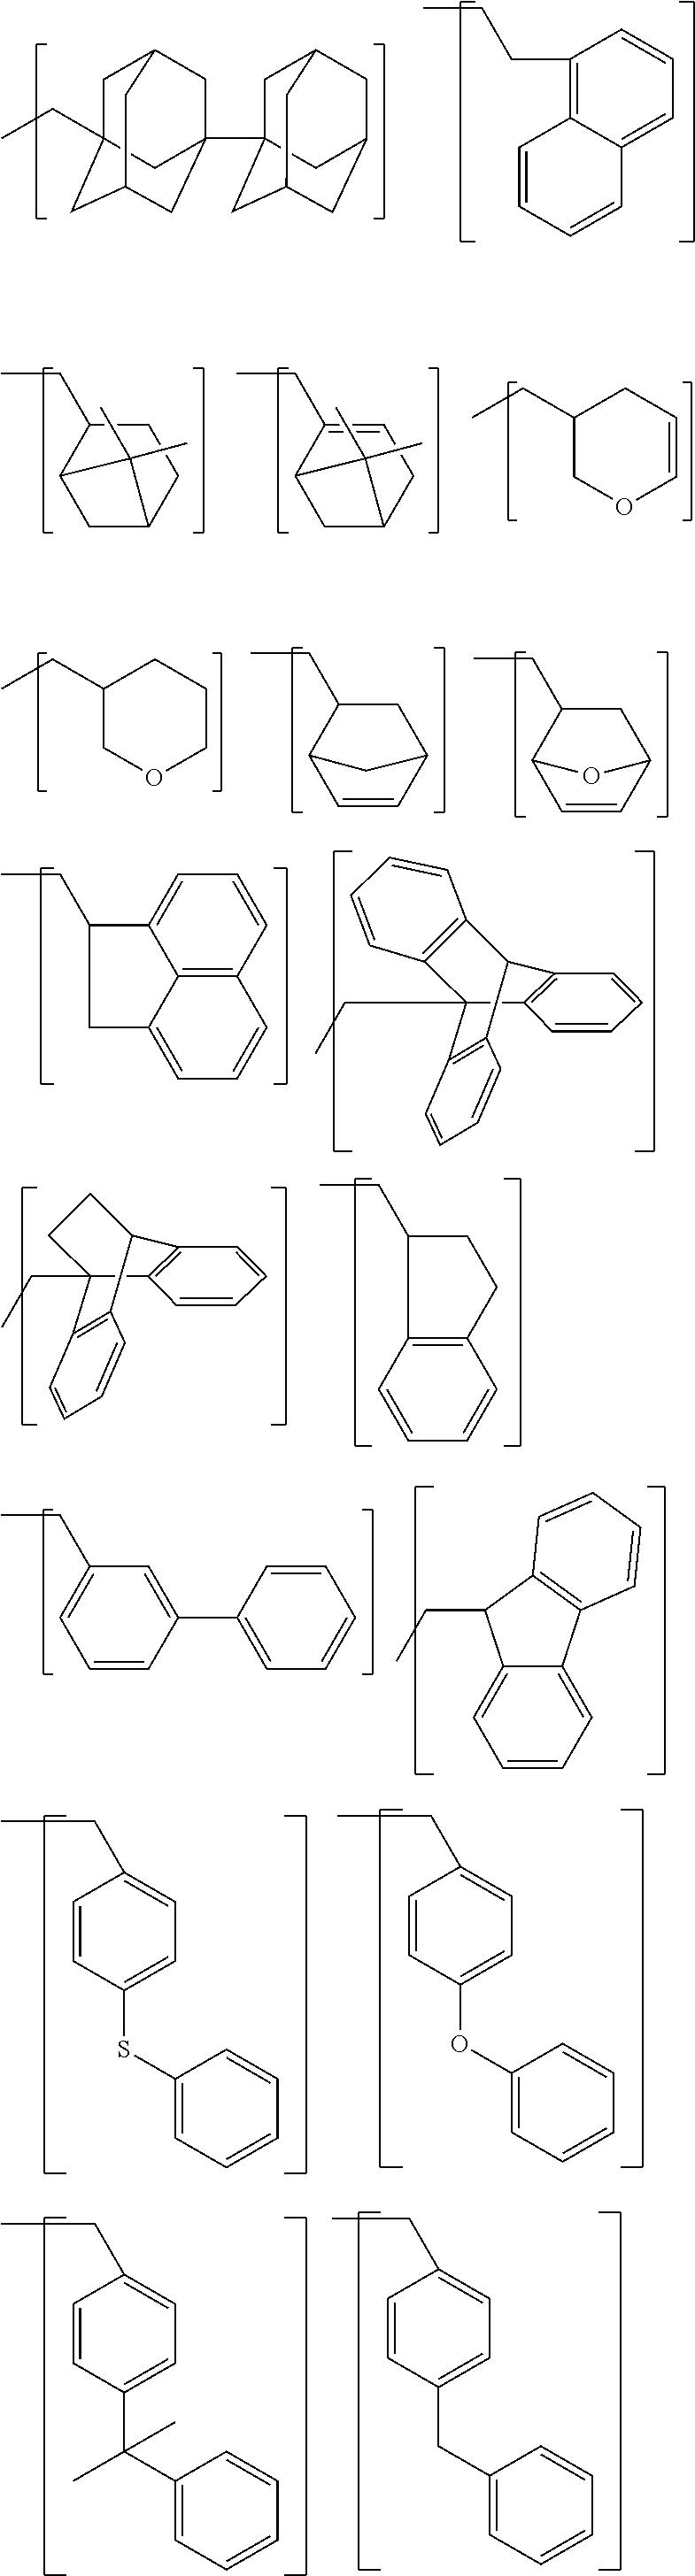 Figure US08835697-20140916-C00014